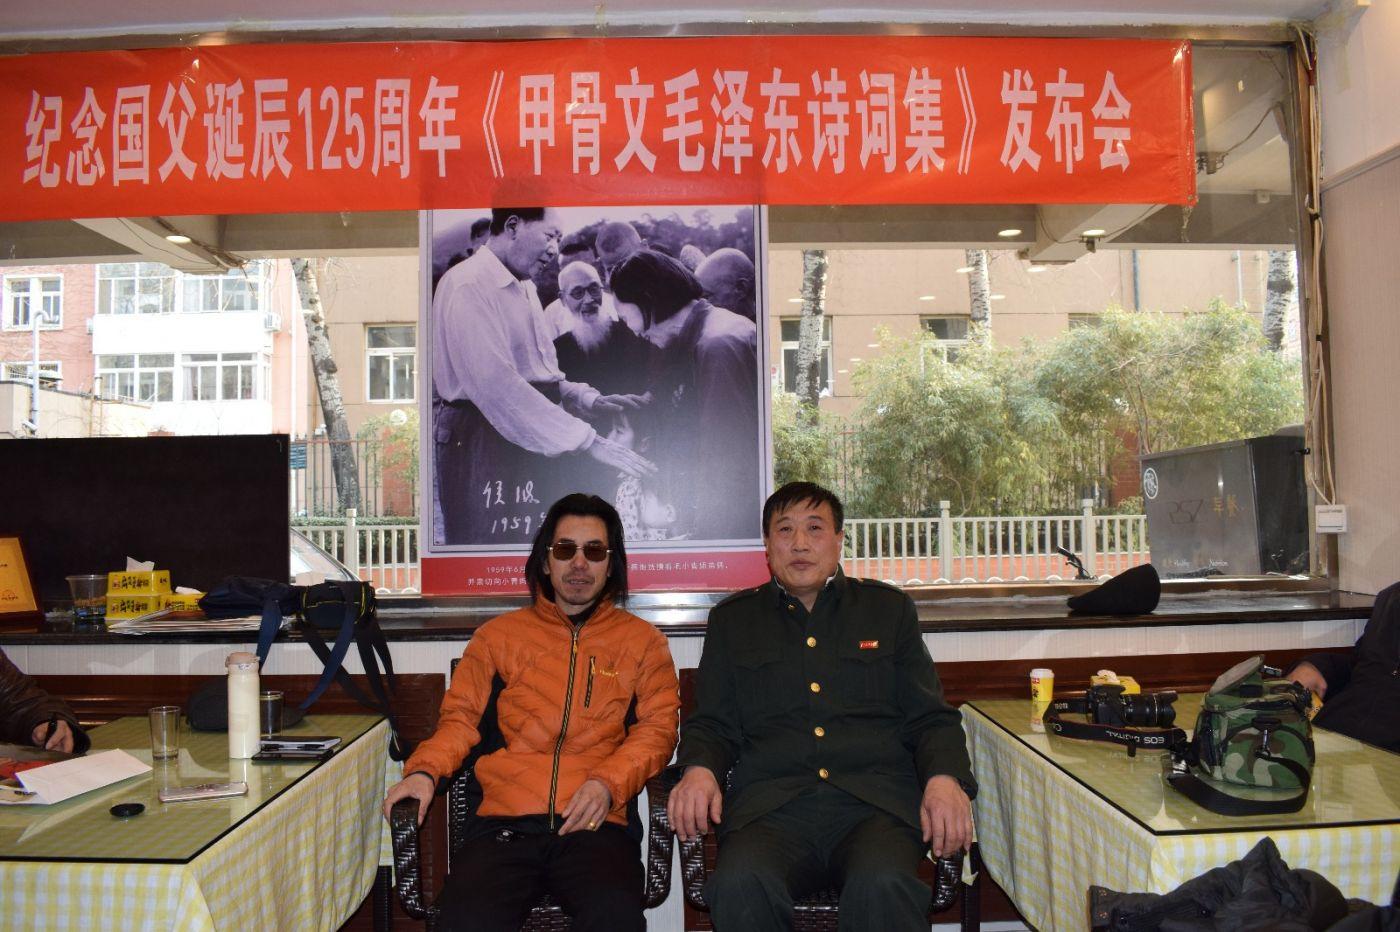 纪念毛泽东诞辰125周年《甲骨文毛泽东诗词集》  出版发布会在京举办 ... ... ..._图1-13